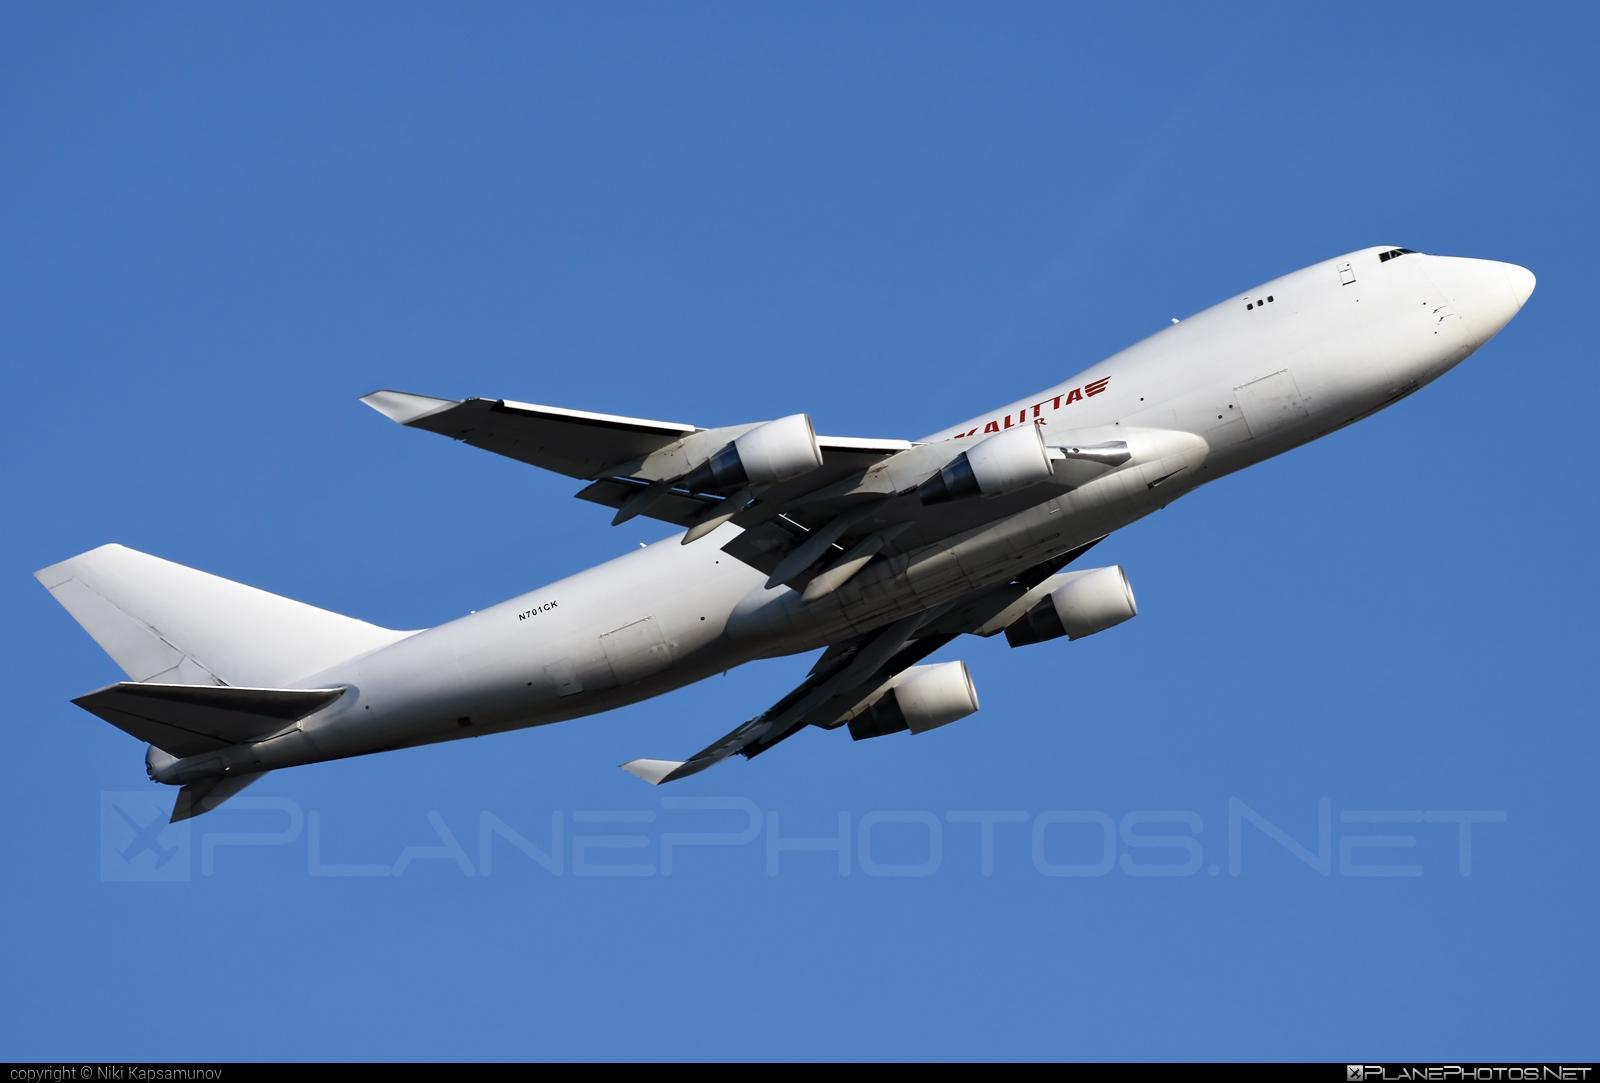 Boeing 747-400F - N701CK operated by Kalitta Air #b747 #boeing #boeing747 #jumbo